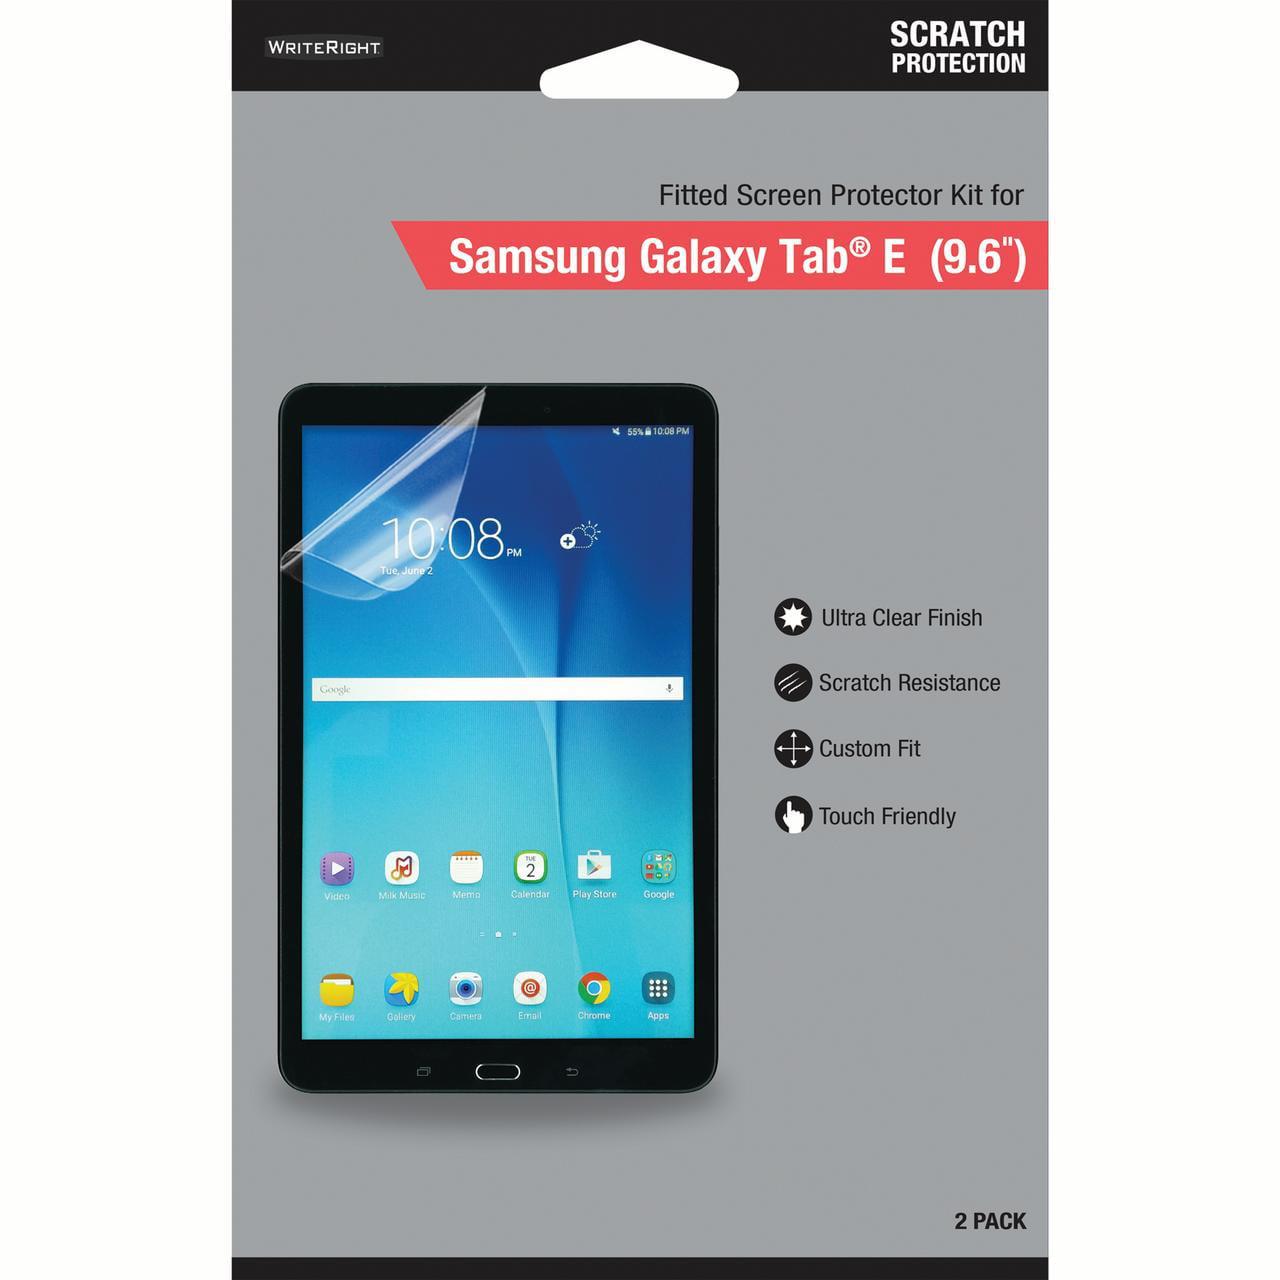 2X Samsung Galaxy Tab E NOOK 9.6 Tab E 9.6 Anti-Glare Matte Screen Protector